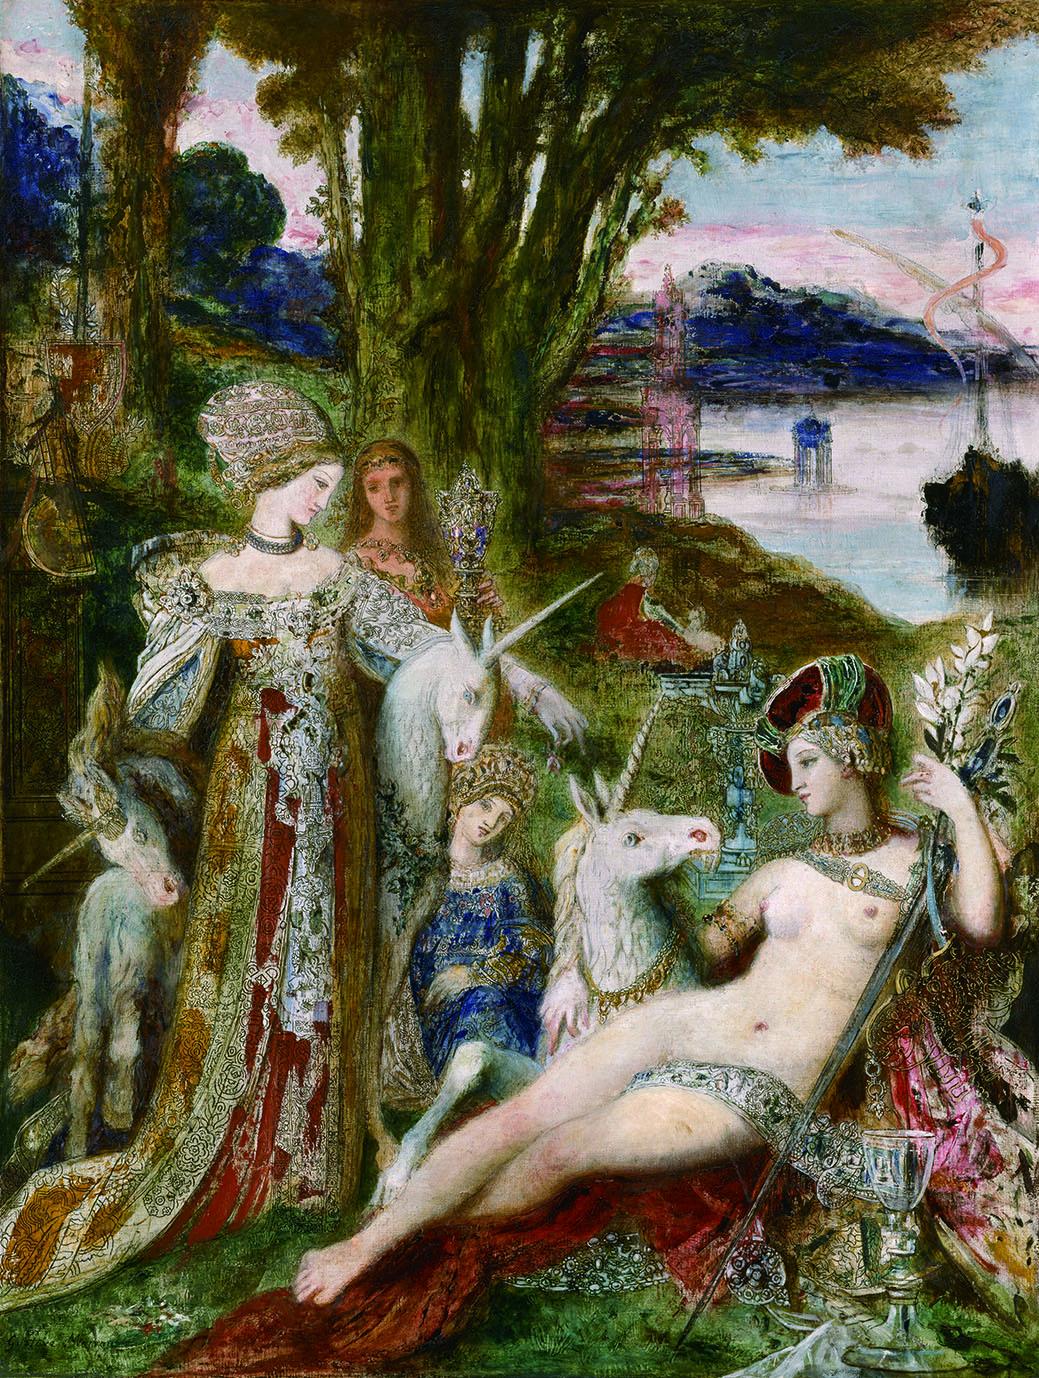 《一角獣》 1885年頃 油彩/カンヴァス 115×90cm ギュスターヴ・モロー美術館蔵 Photo(C)RMN-Grand Palais / René-Gabriel Ojéda / distributed by AMF